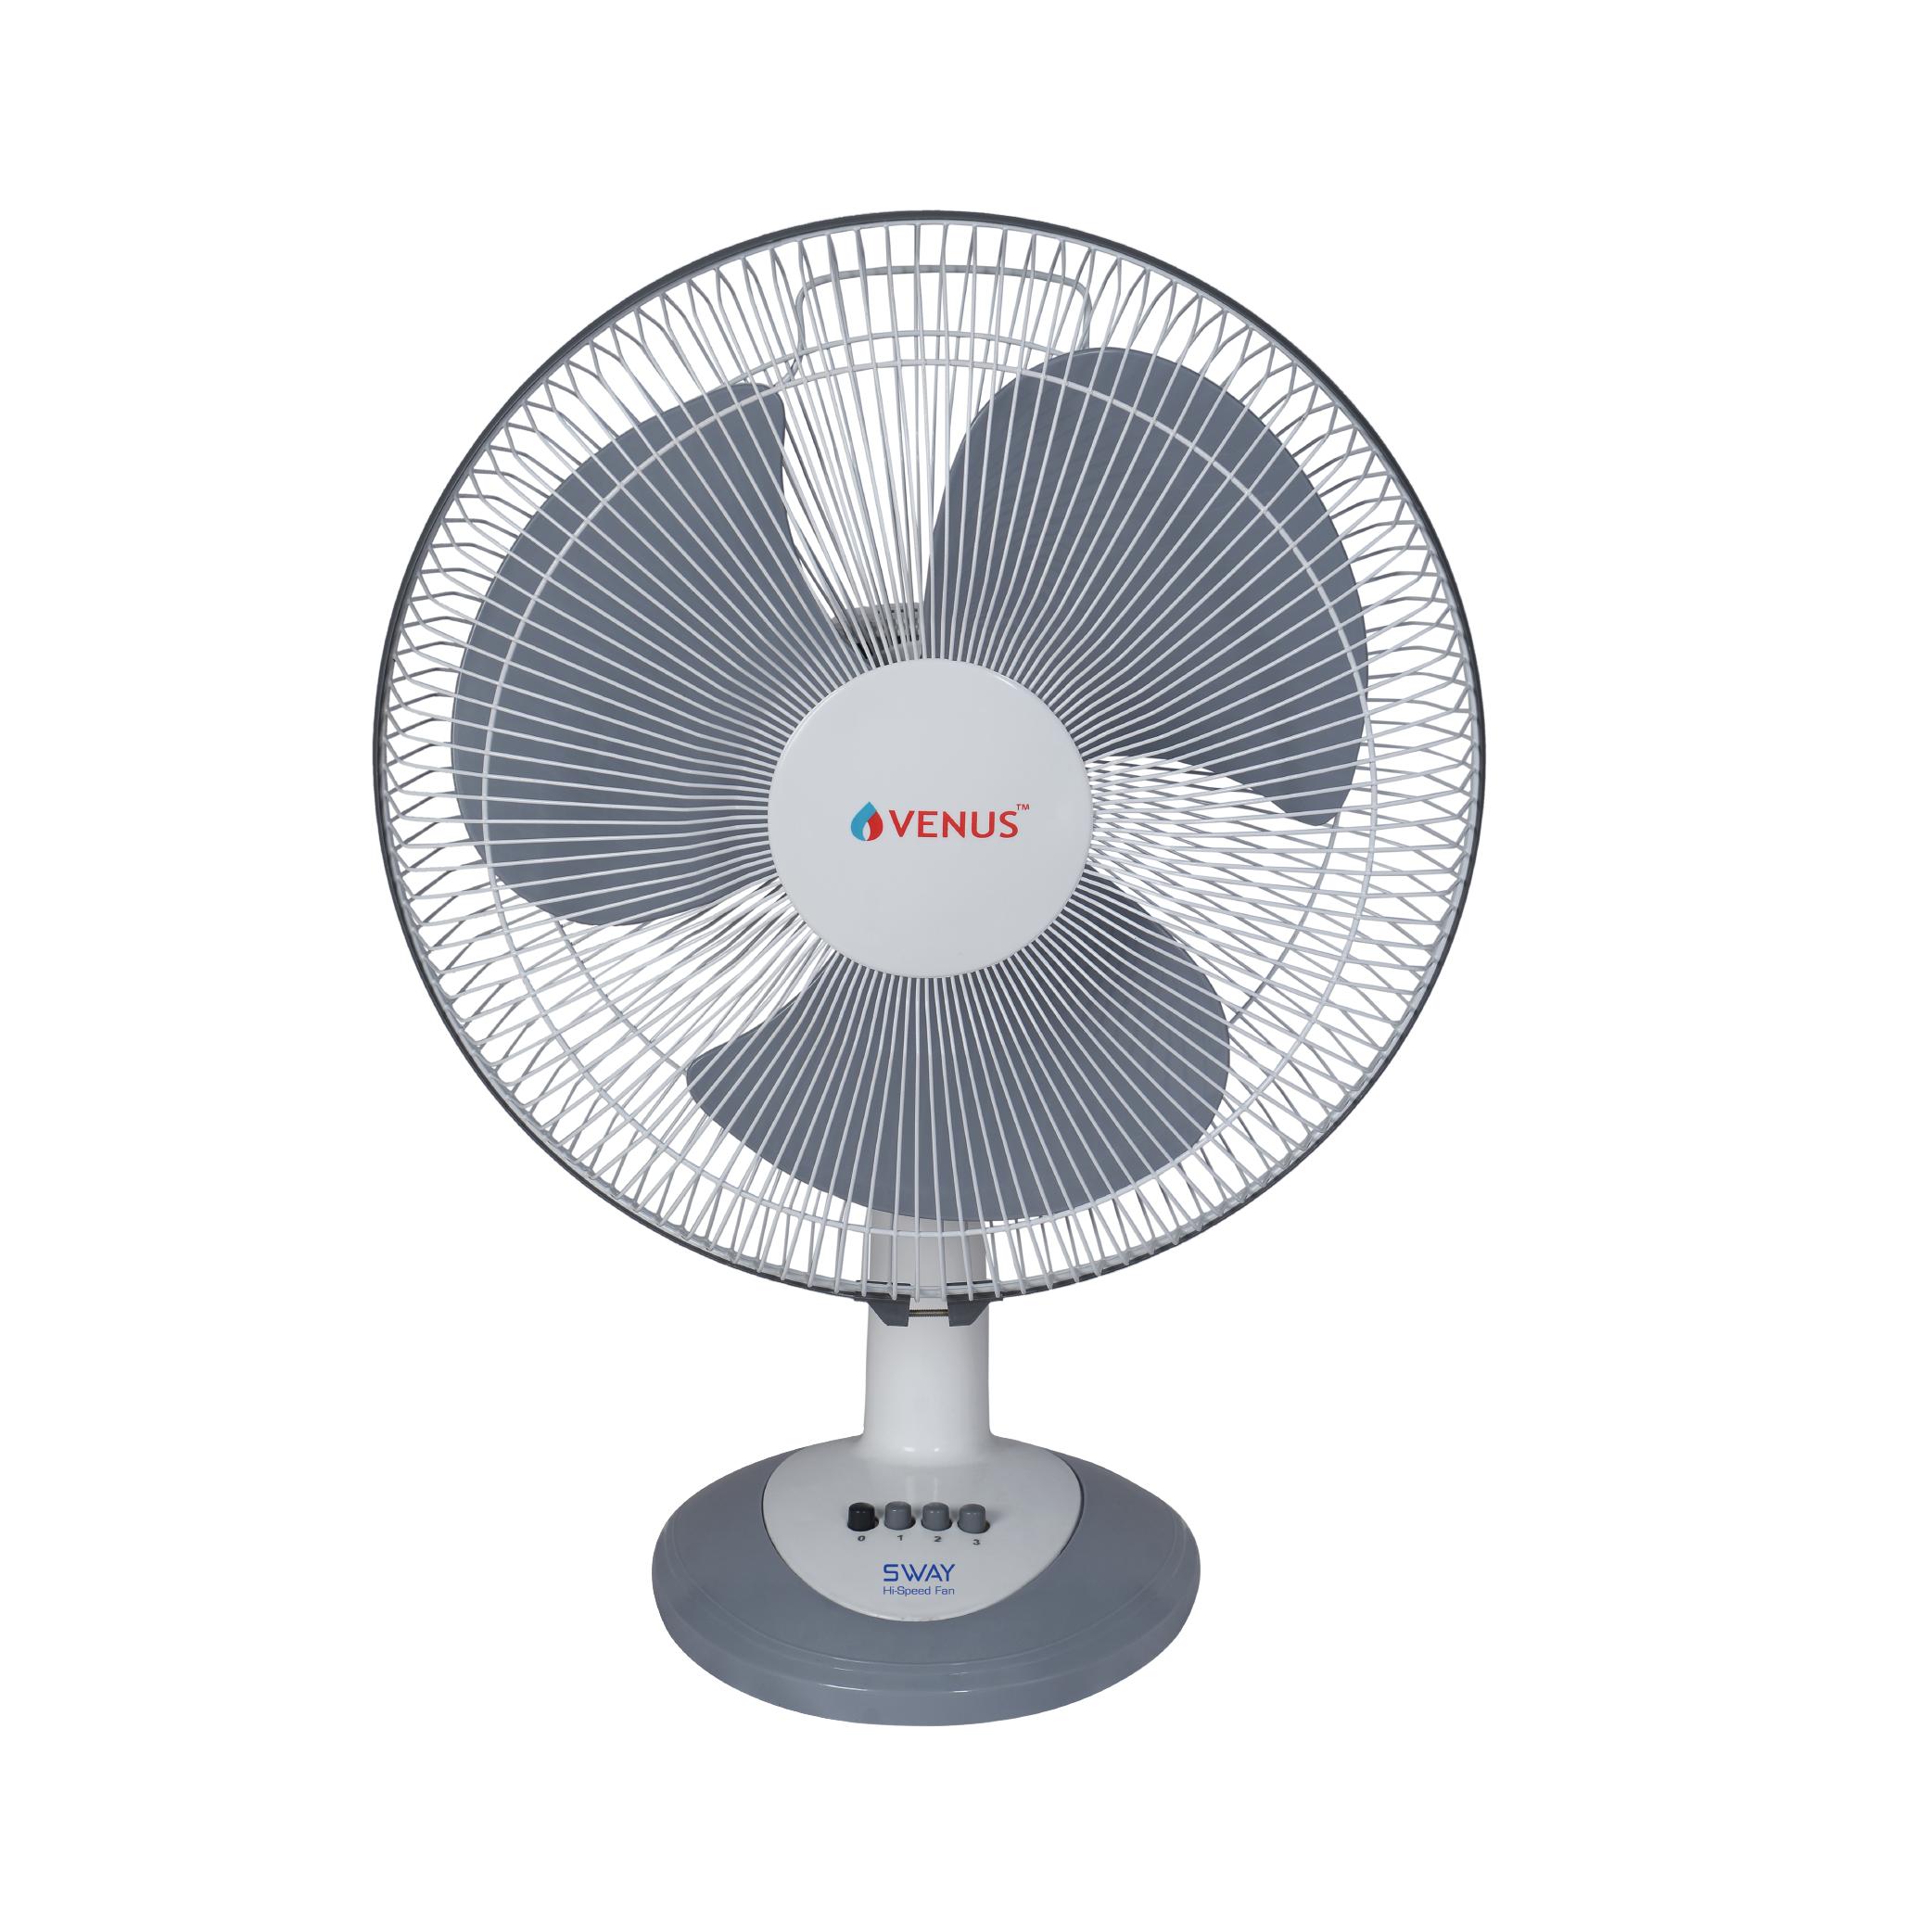 Sway Hi-Speed Table Fan